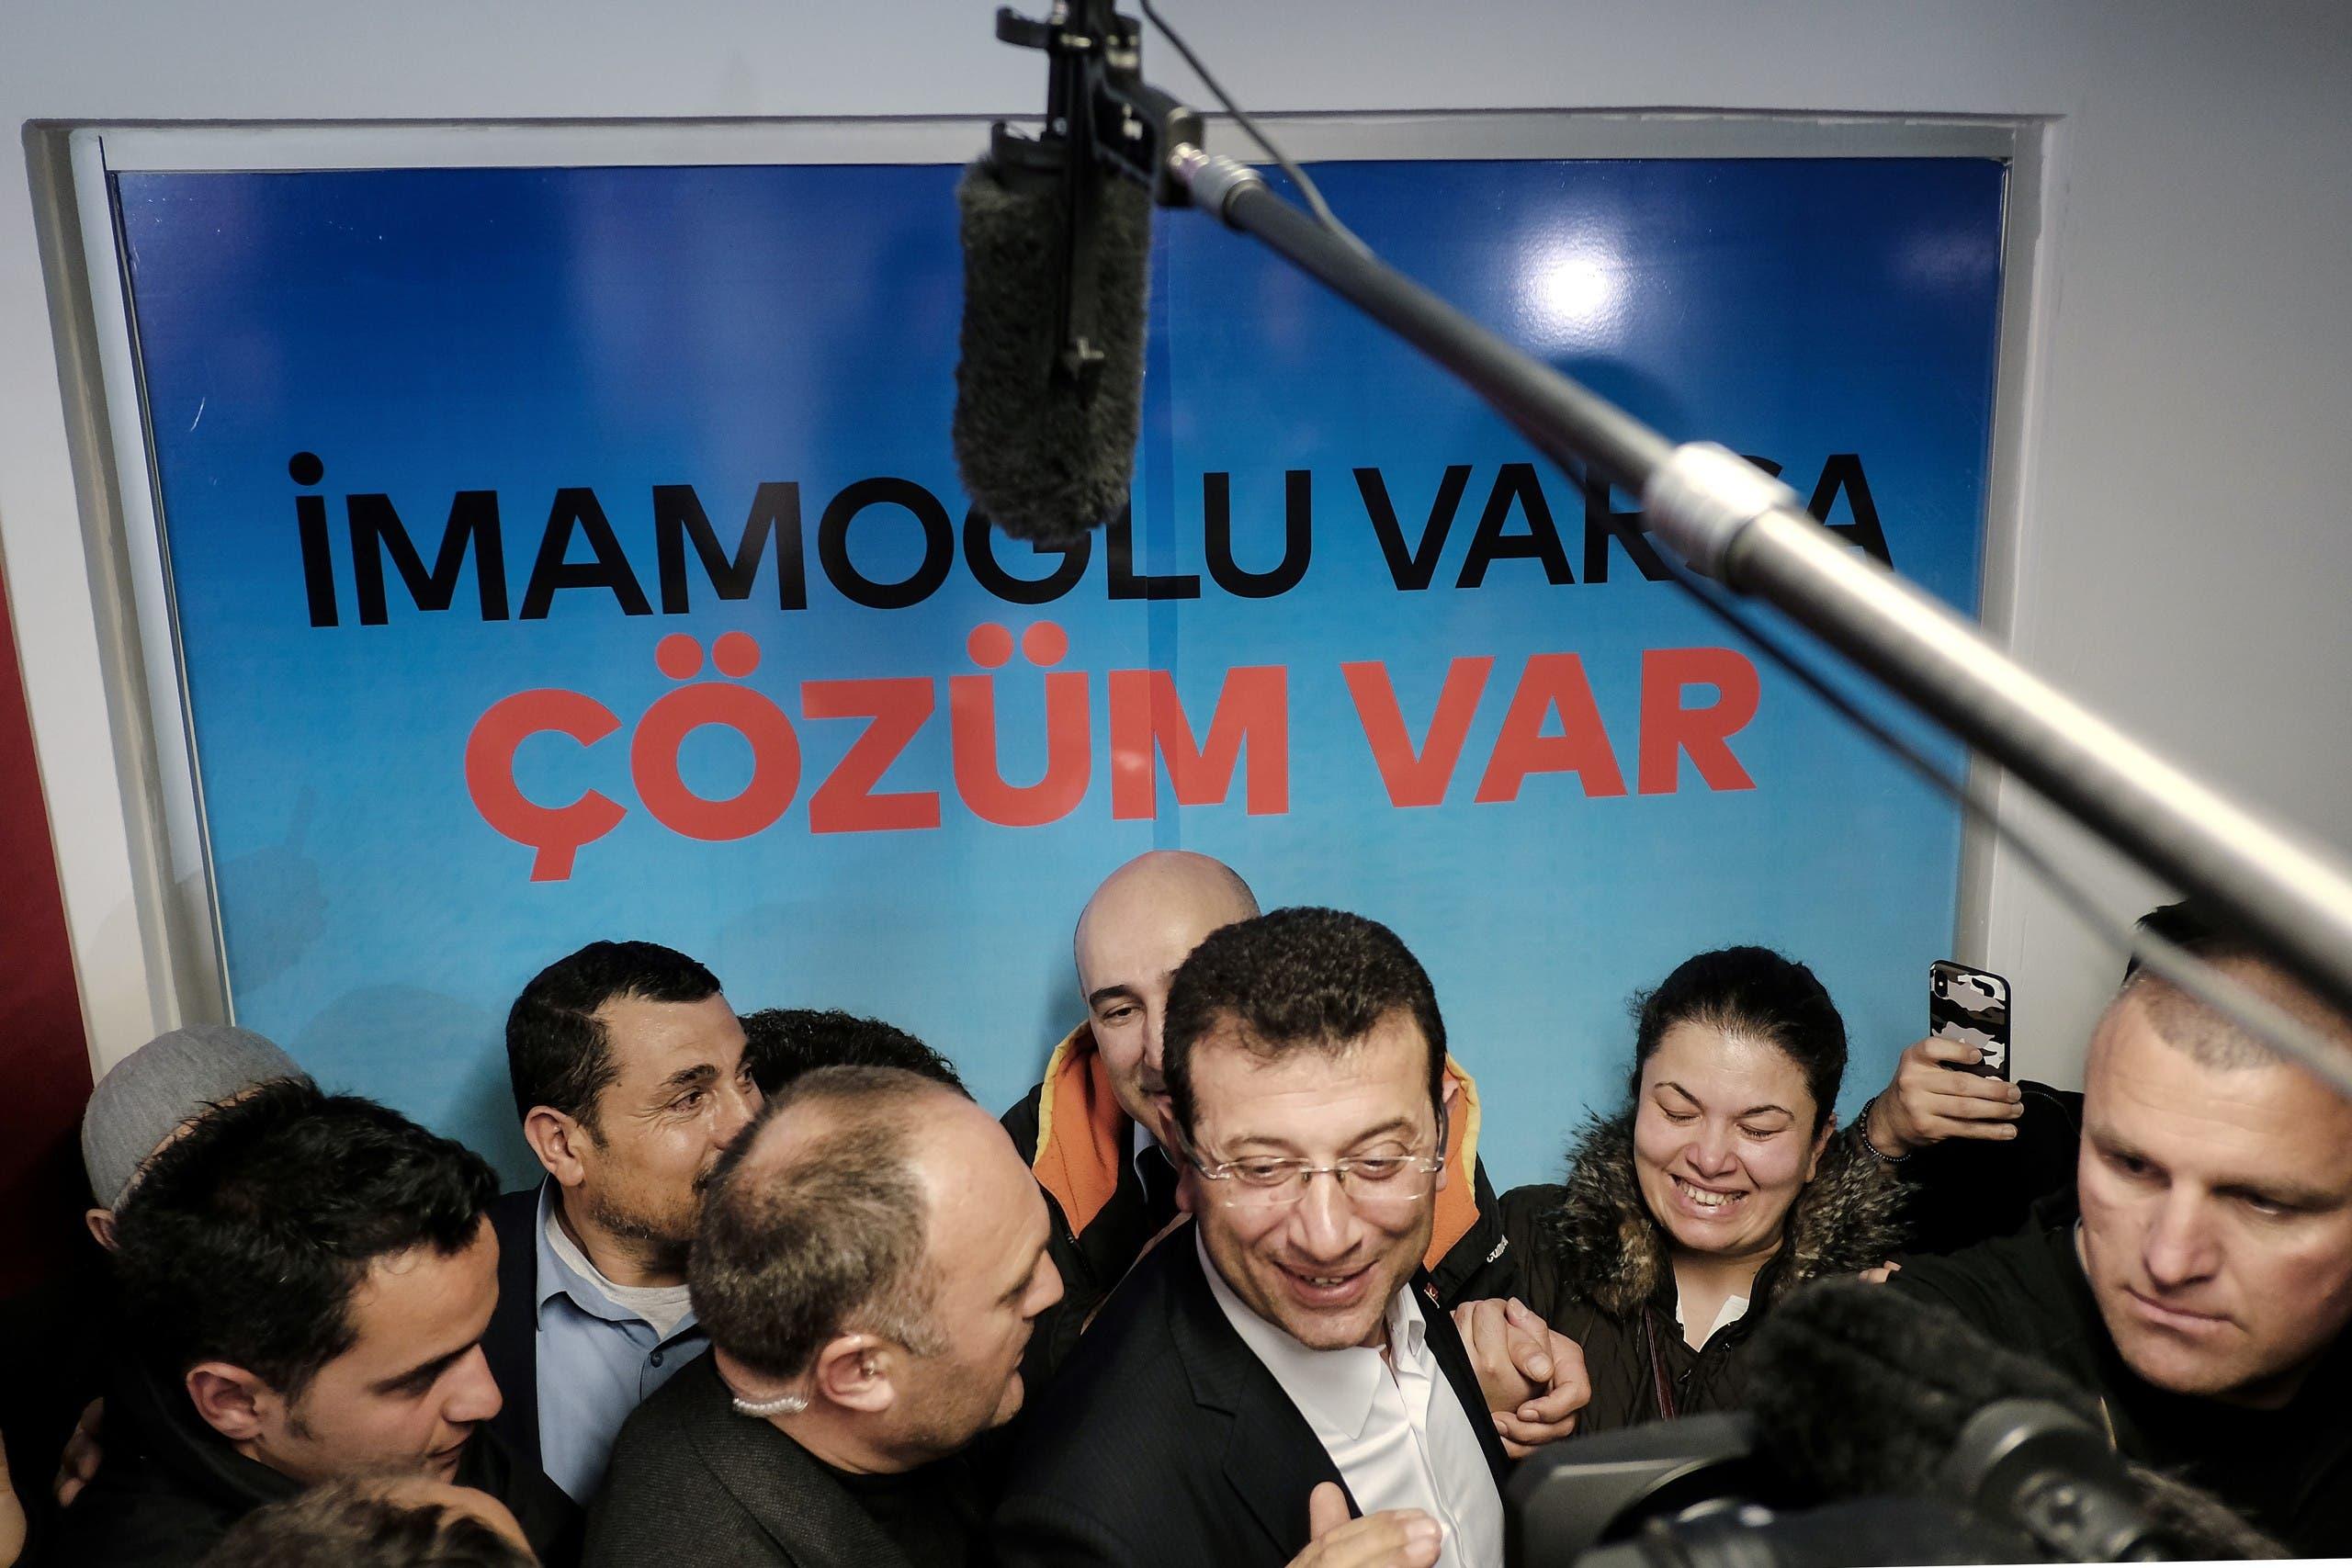 إكرام إمام أوغلو مرشح حزب الشعب الجمهوري الفائز في اسطنبول